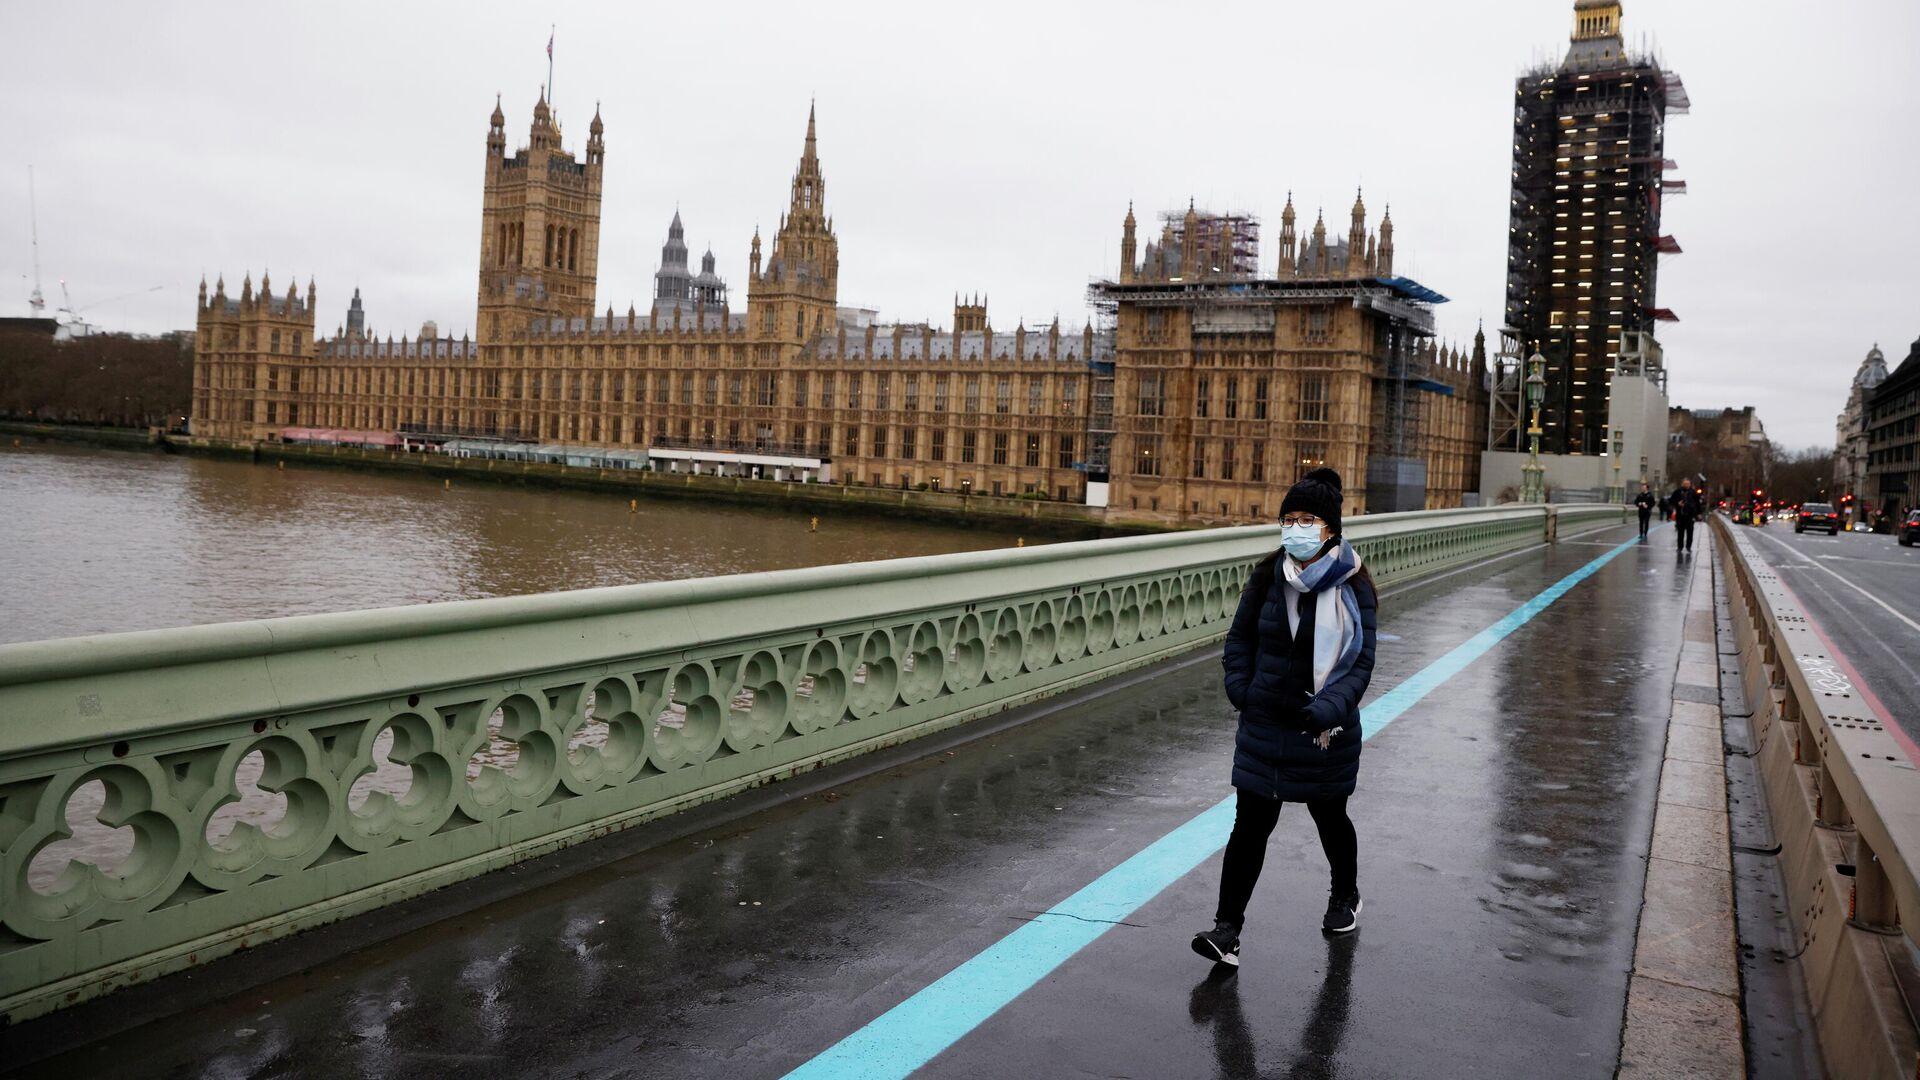 Девушка в защитной маске на Вестминстерском мосту в Лондоне - РИА Новости, 1920, 01.01.2021